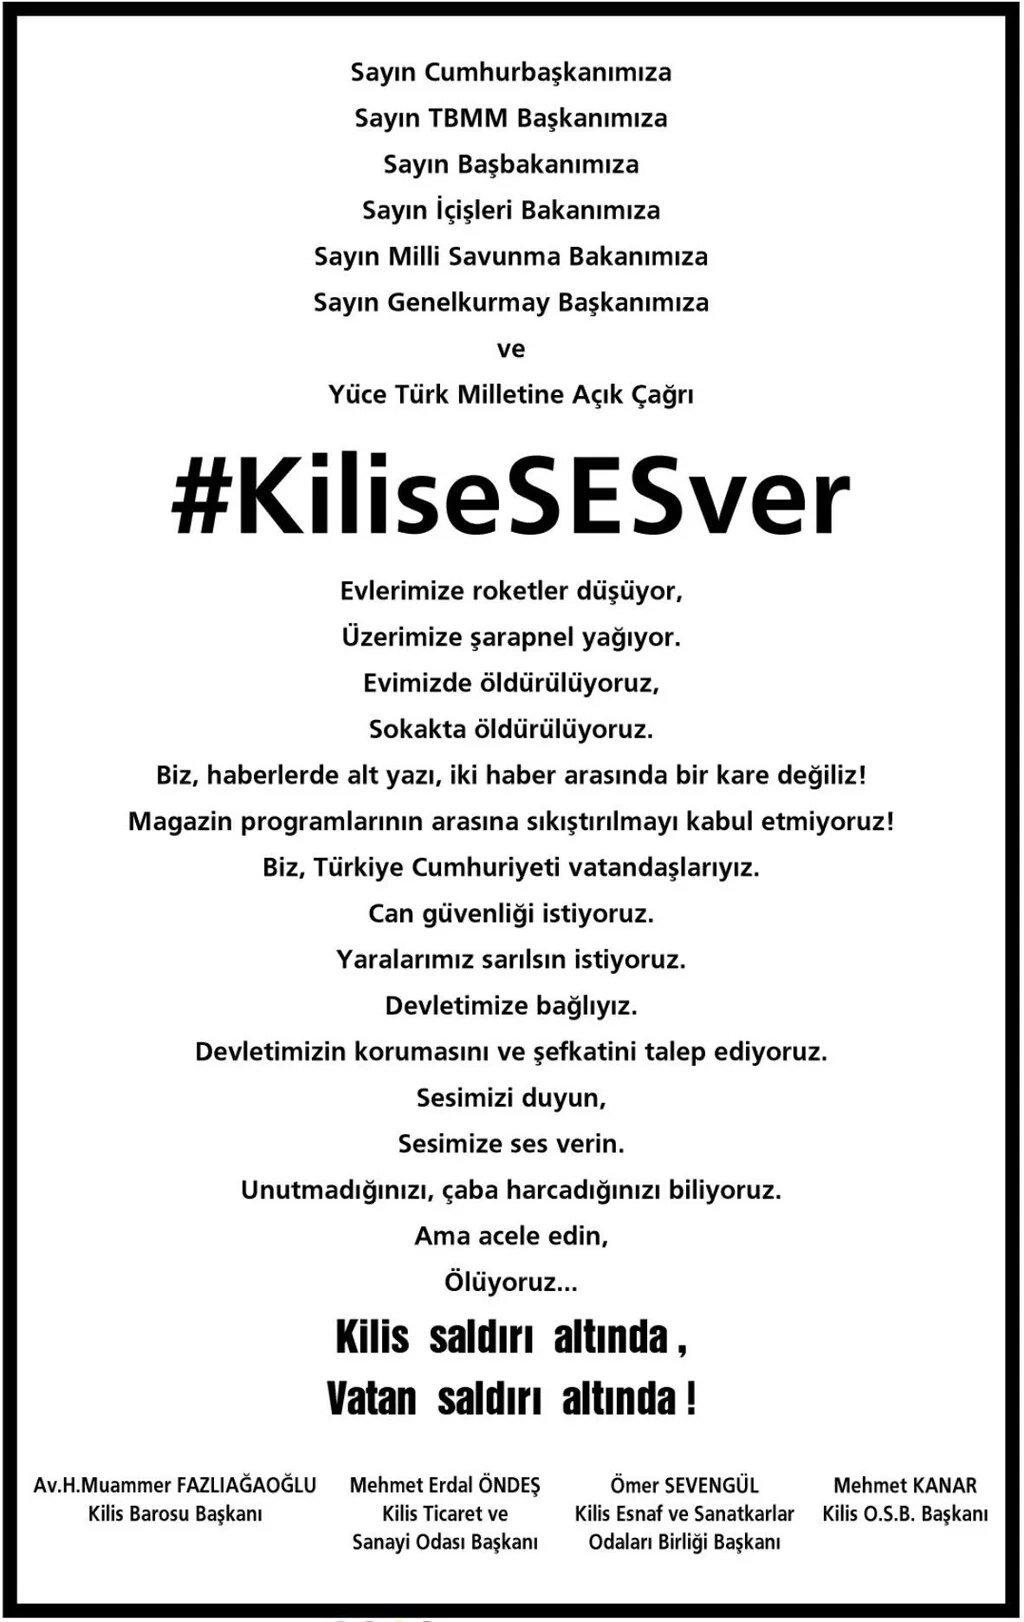 Kilis'in önde gelen sivil toplum kuruluşları bugün bir gazete ilanı ile devlete çağrı yaptılar. ''Kilis'e ses ver